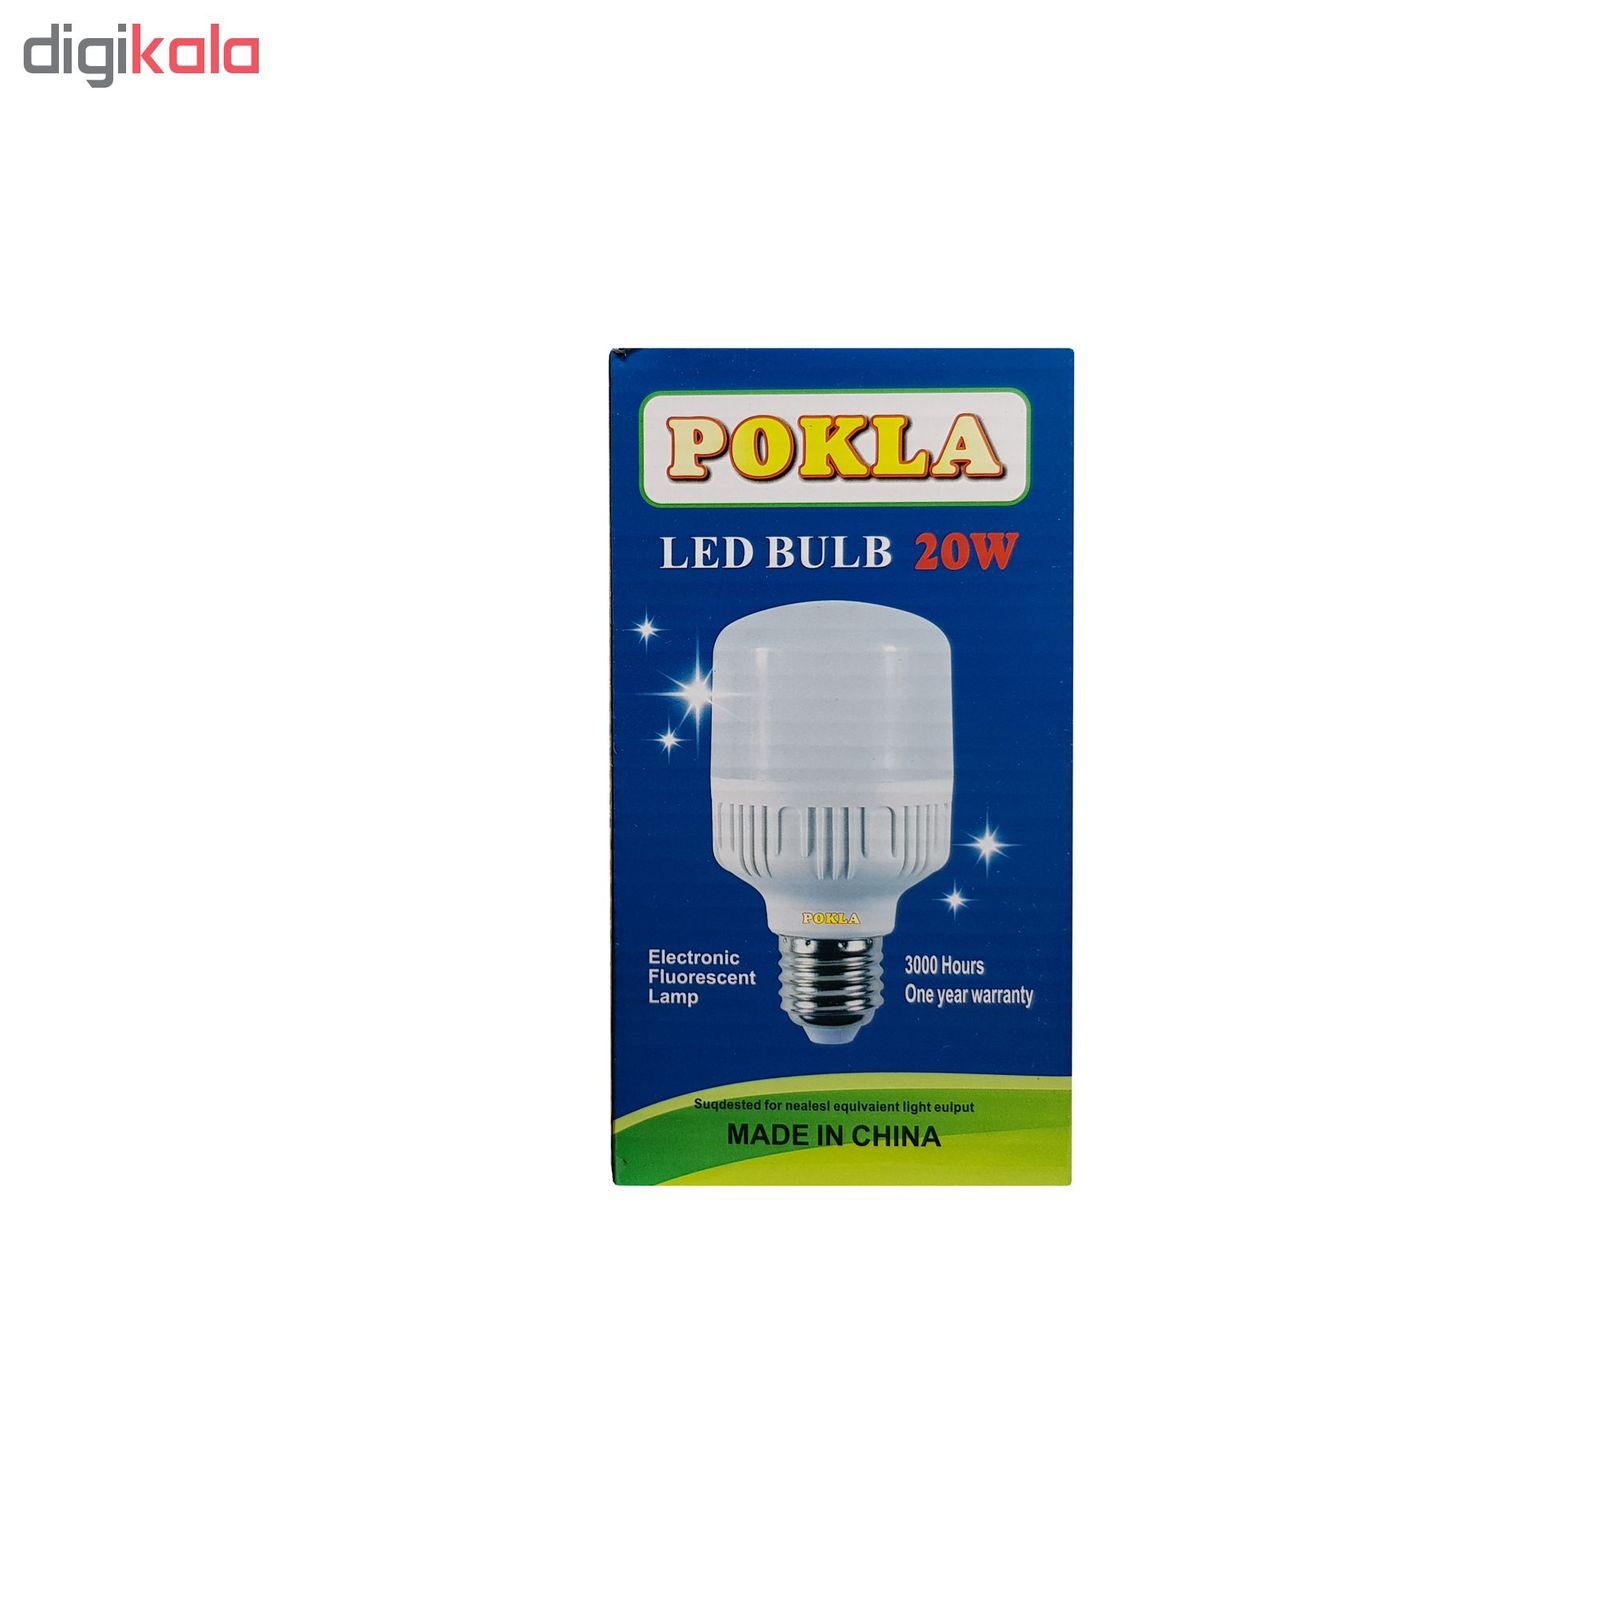 لامپ ال ای دی 20 وات پوکلا کد SH_0202  main 1 2